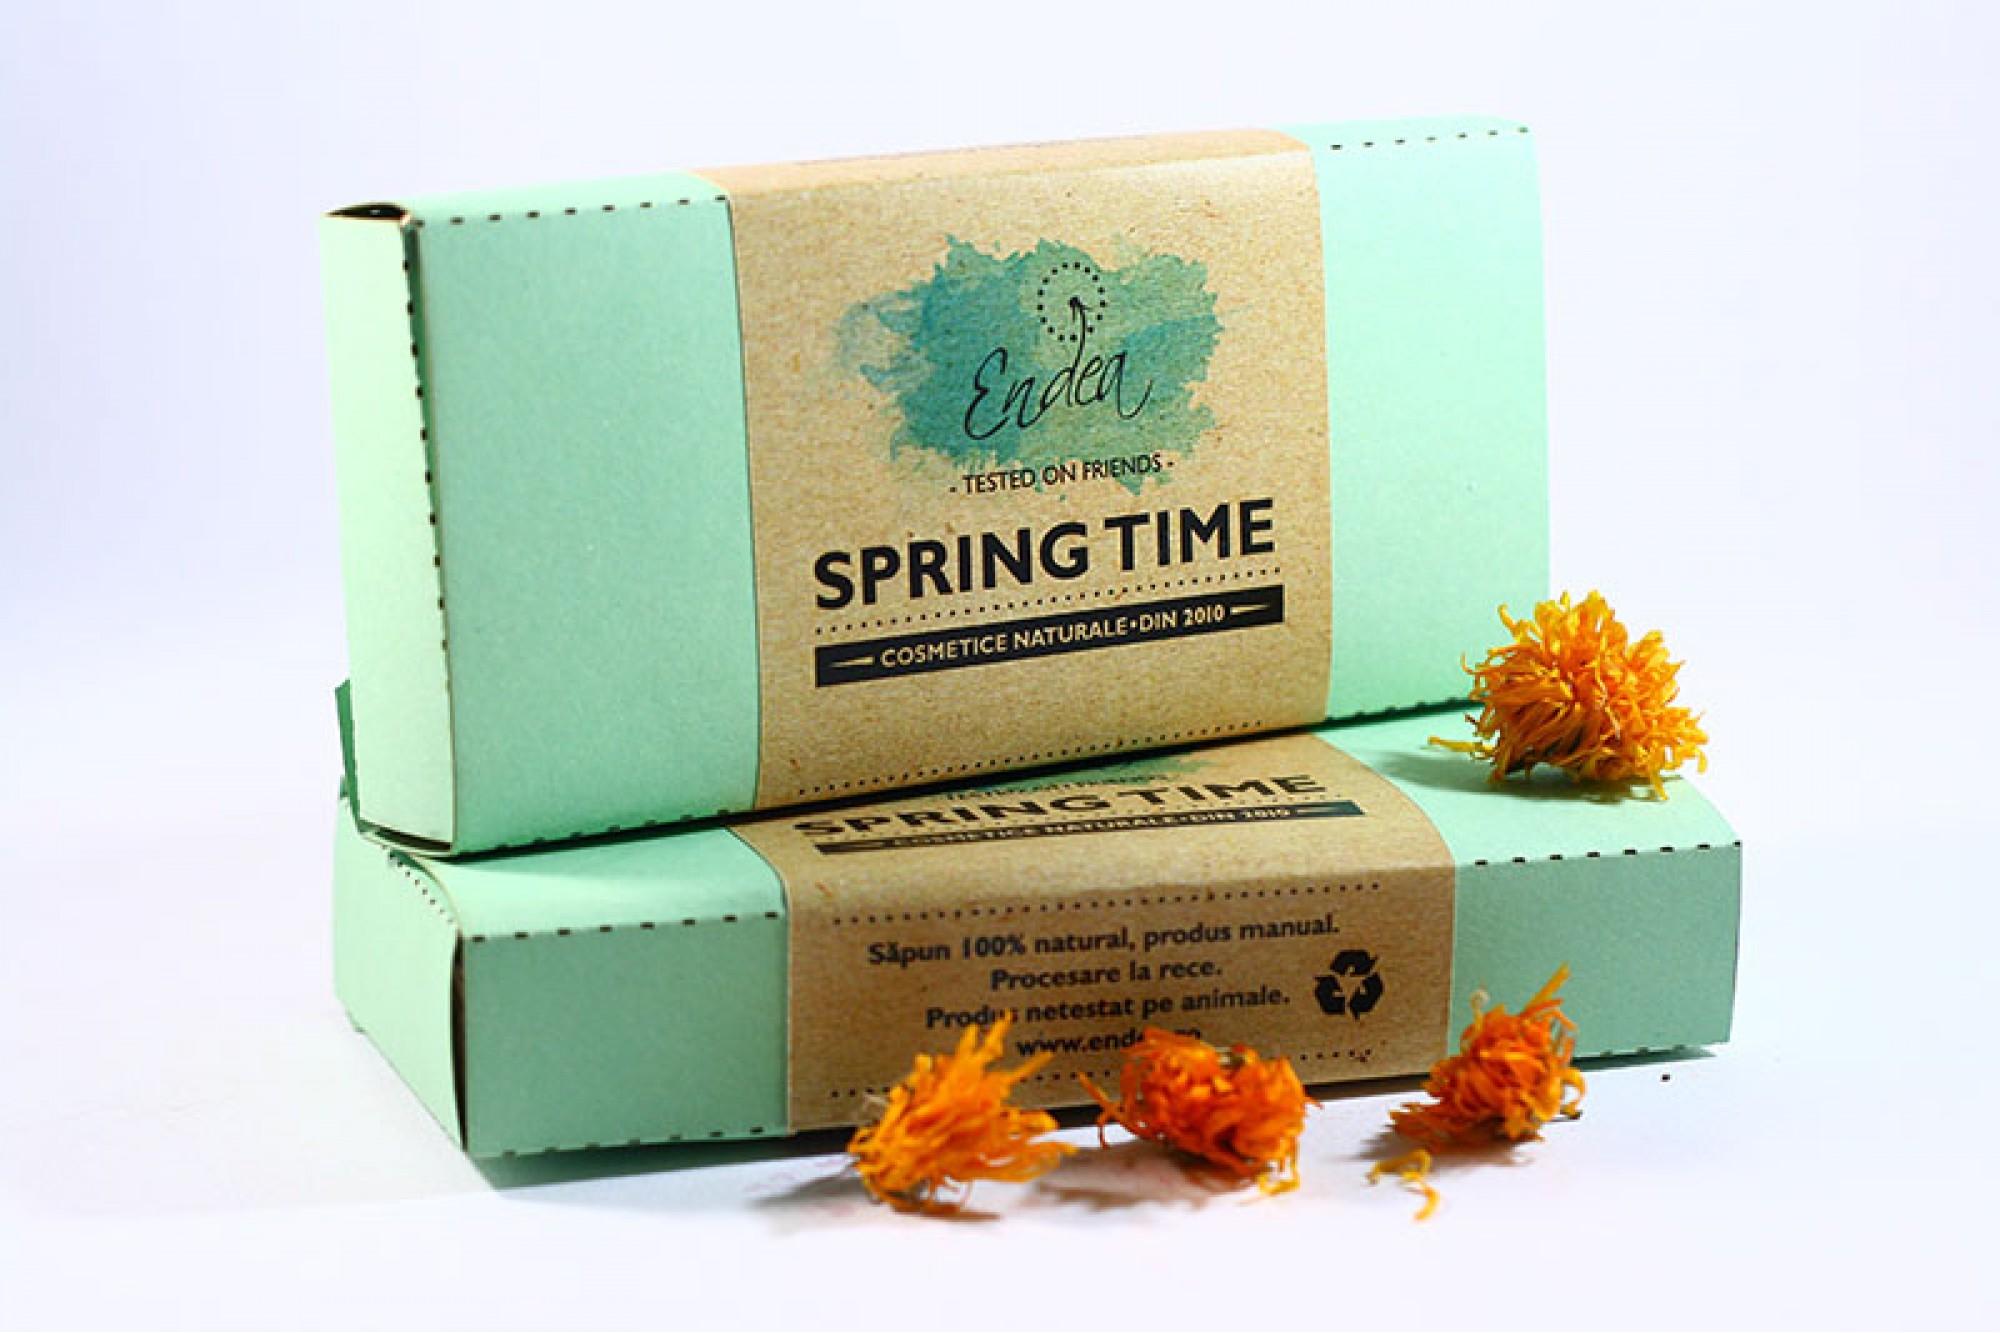 Spring Time - Set de 4 săpunele cu aromă de primăvară | Endea - Tested on friends